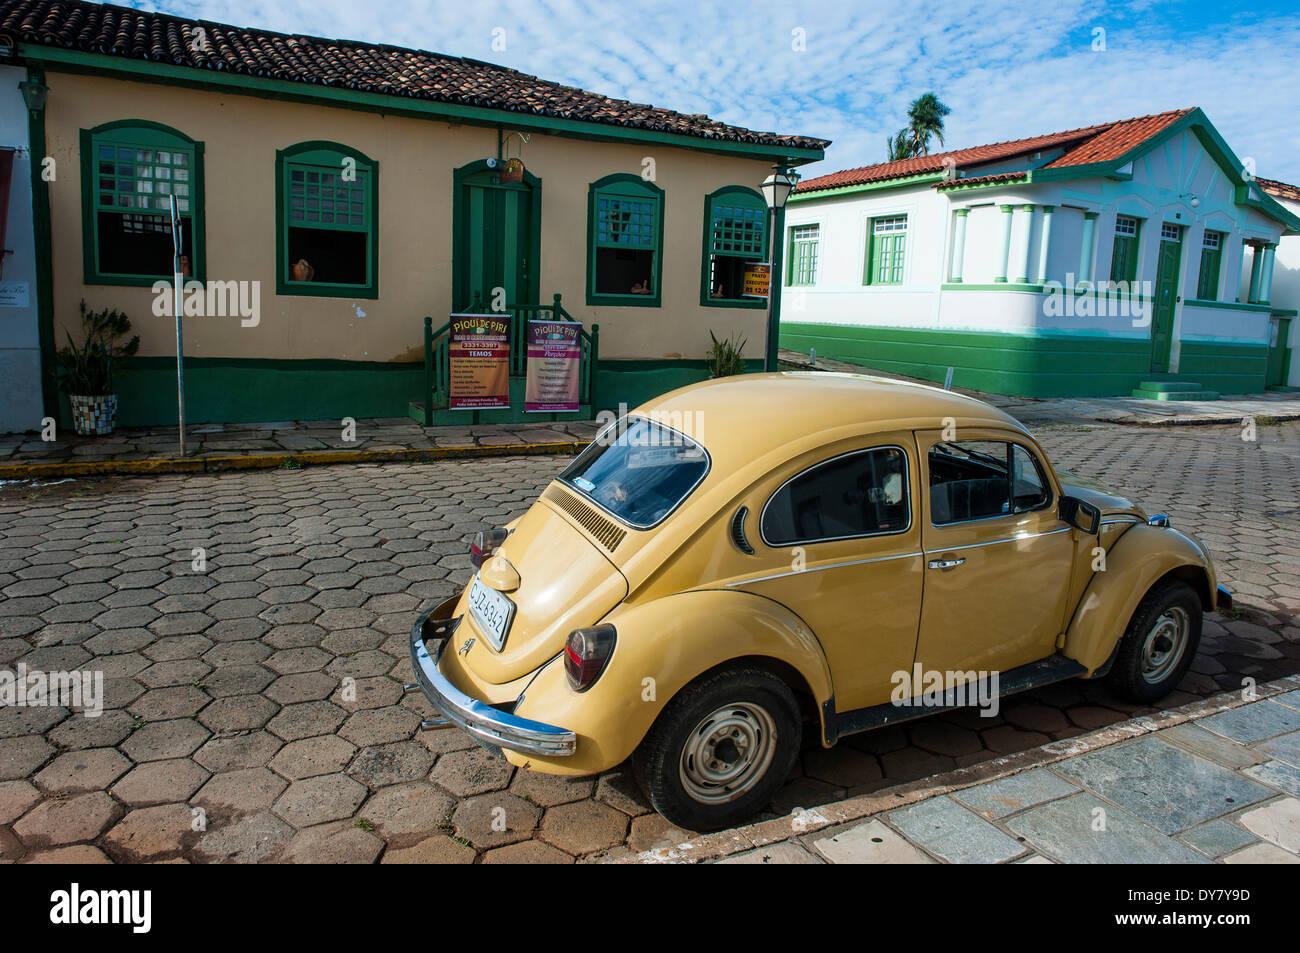 Old Volkswagen Beetle, Pirenópolis, Goiás, Brazil - Stock Image